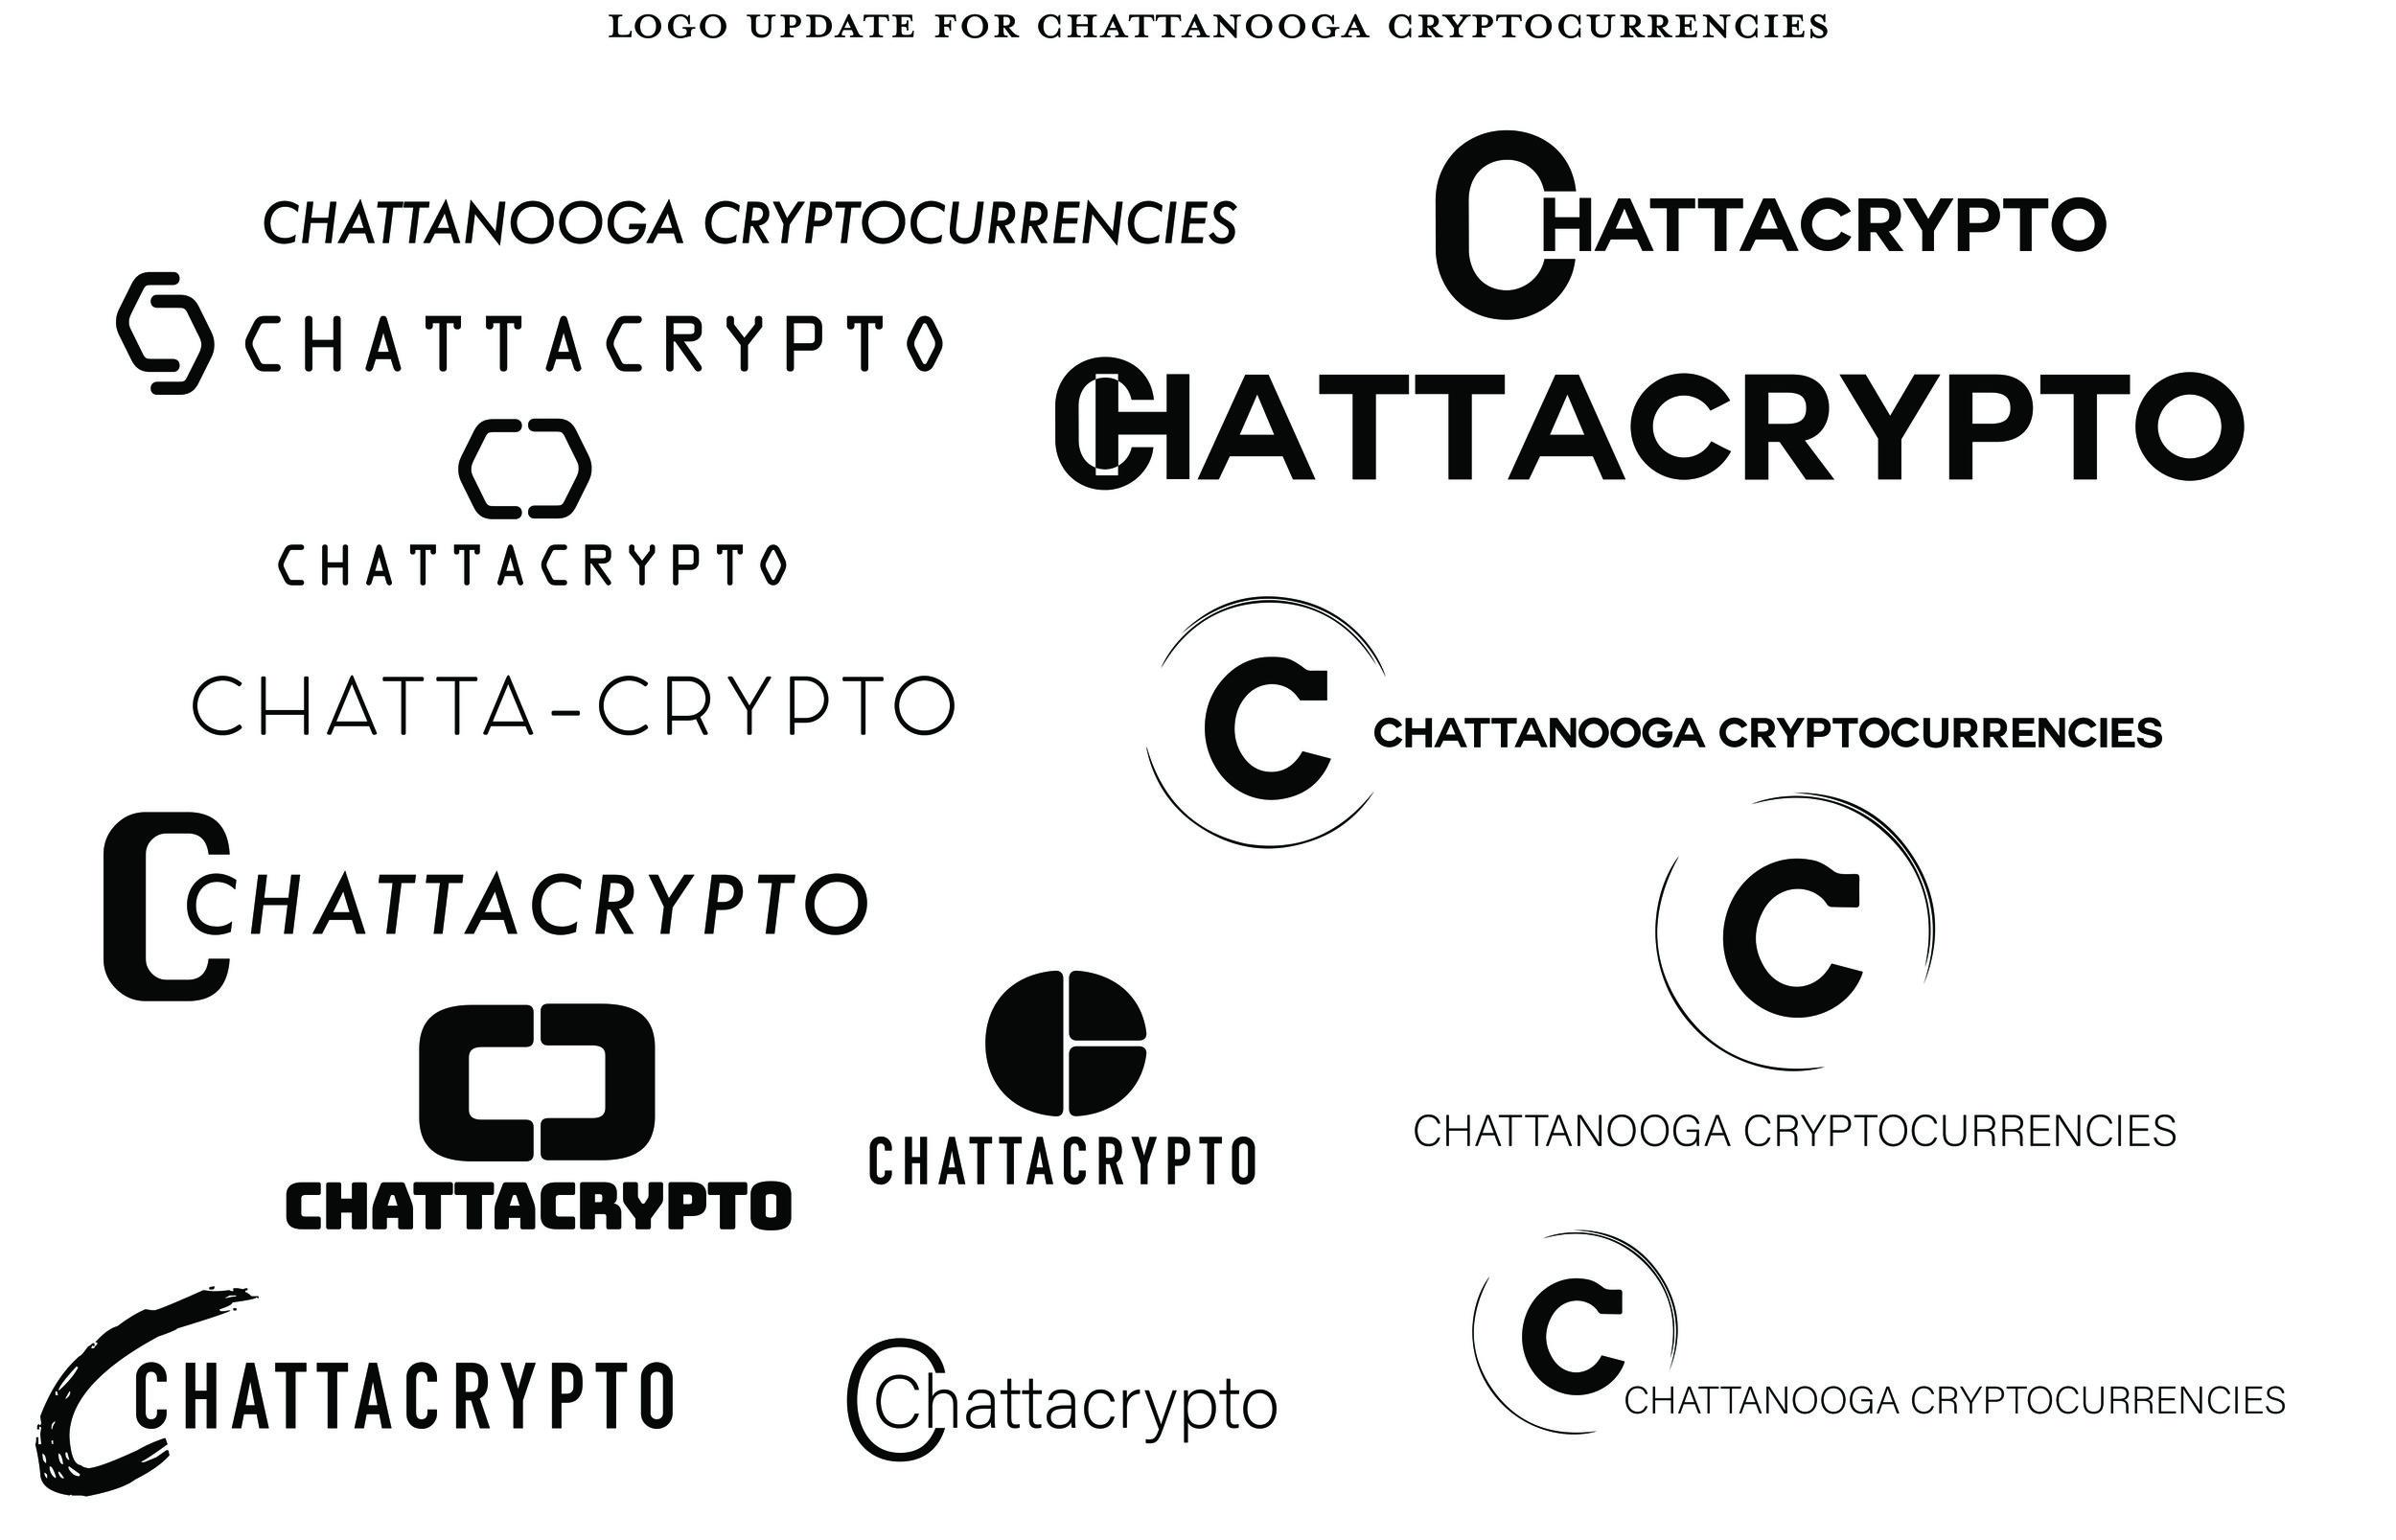 Chattacrypto_Worklist.jpg